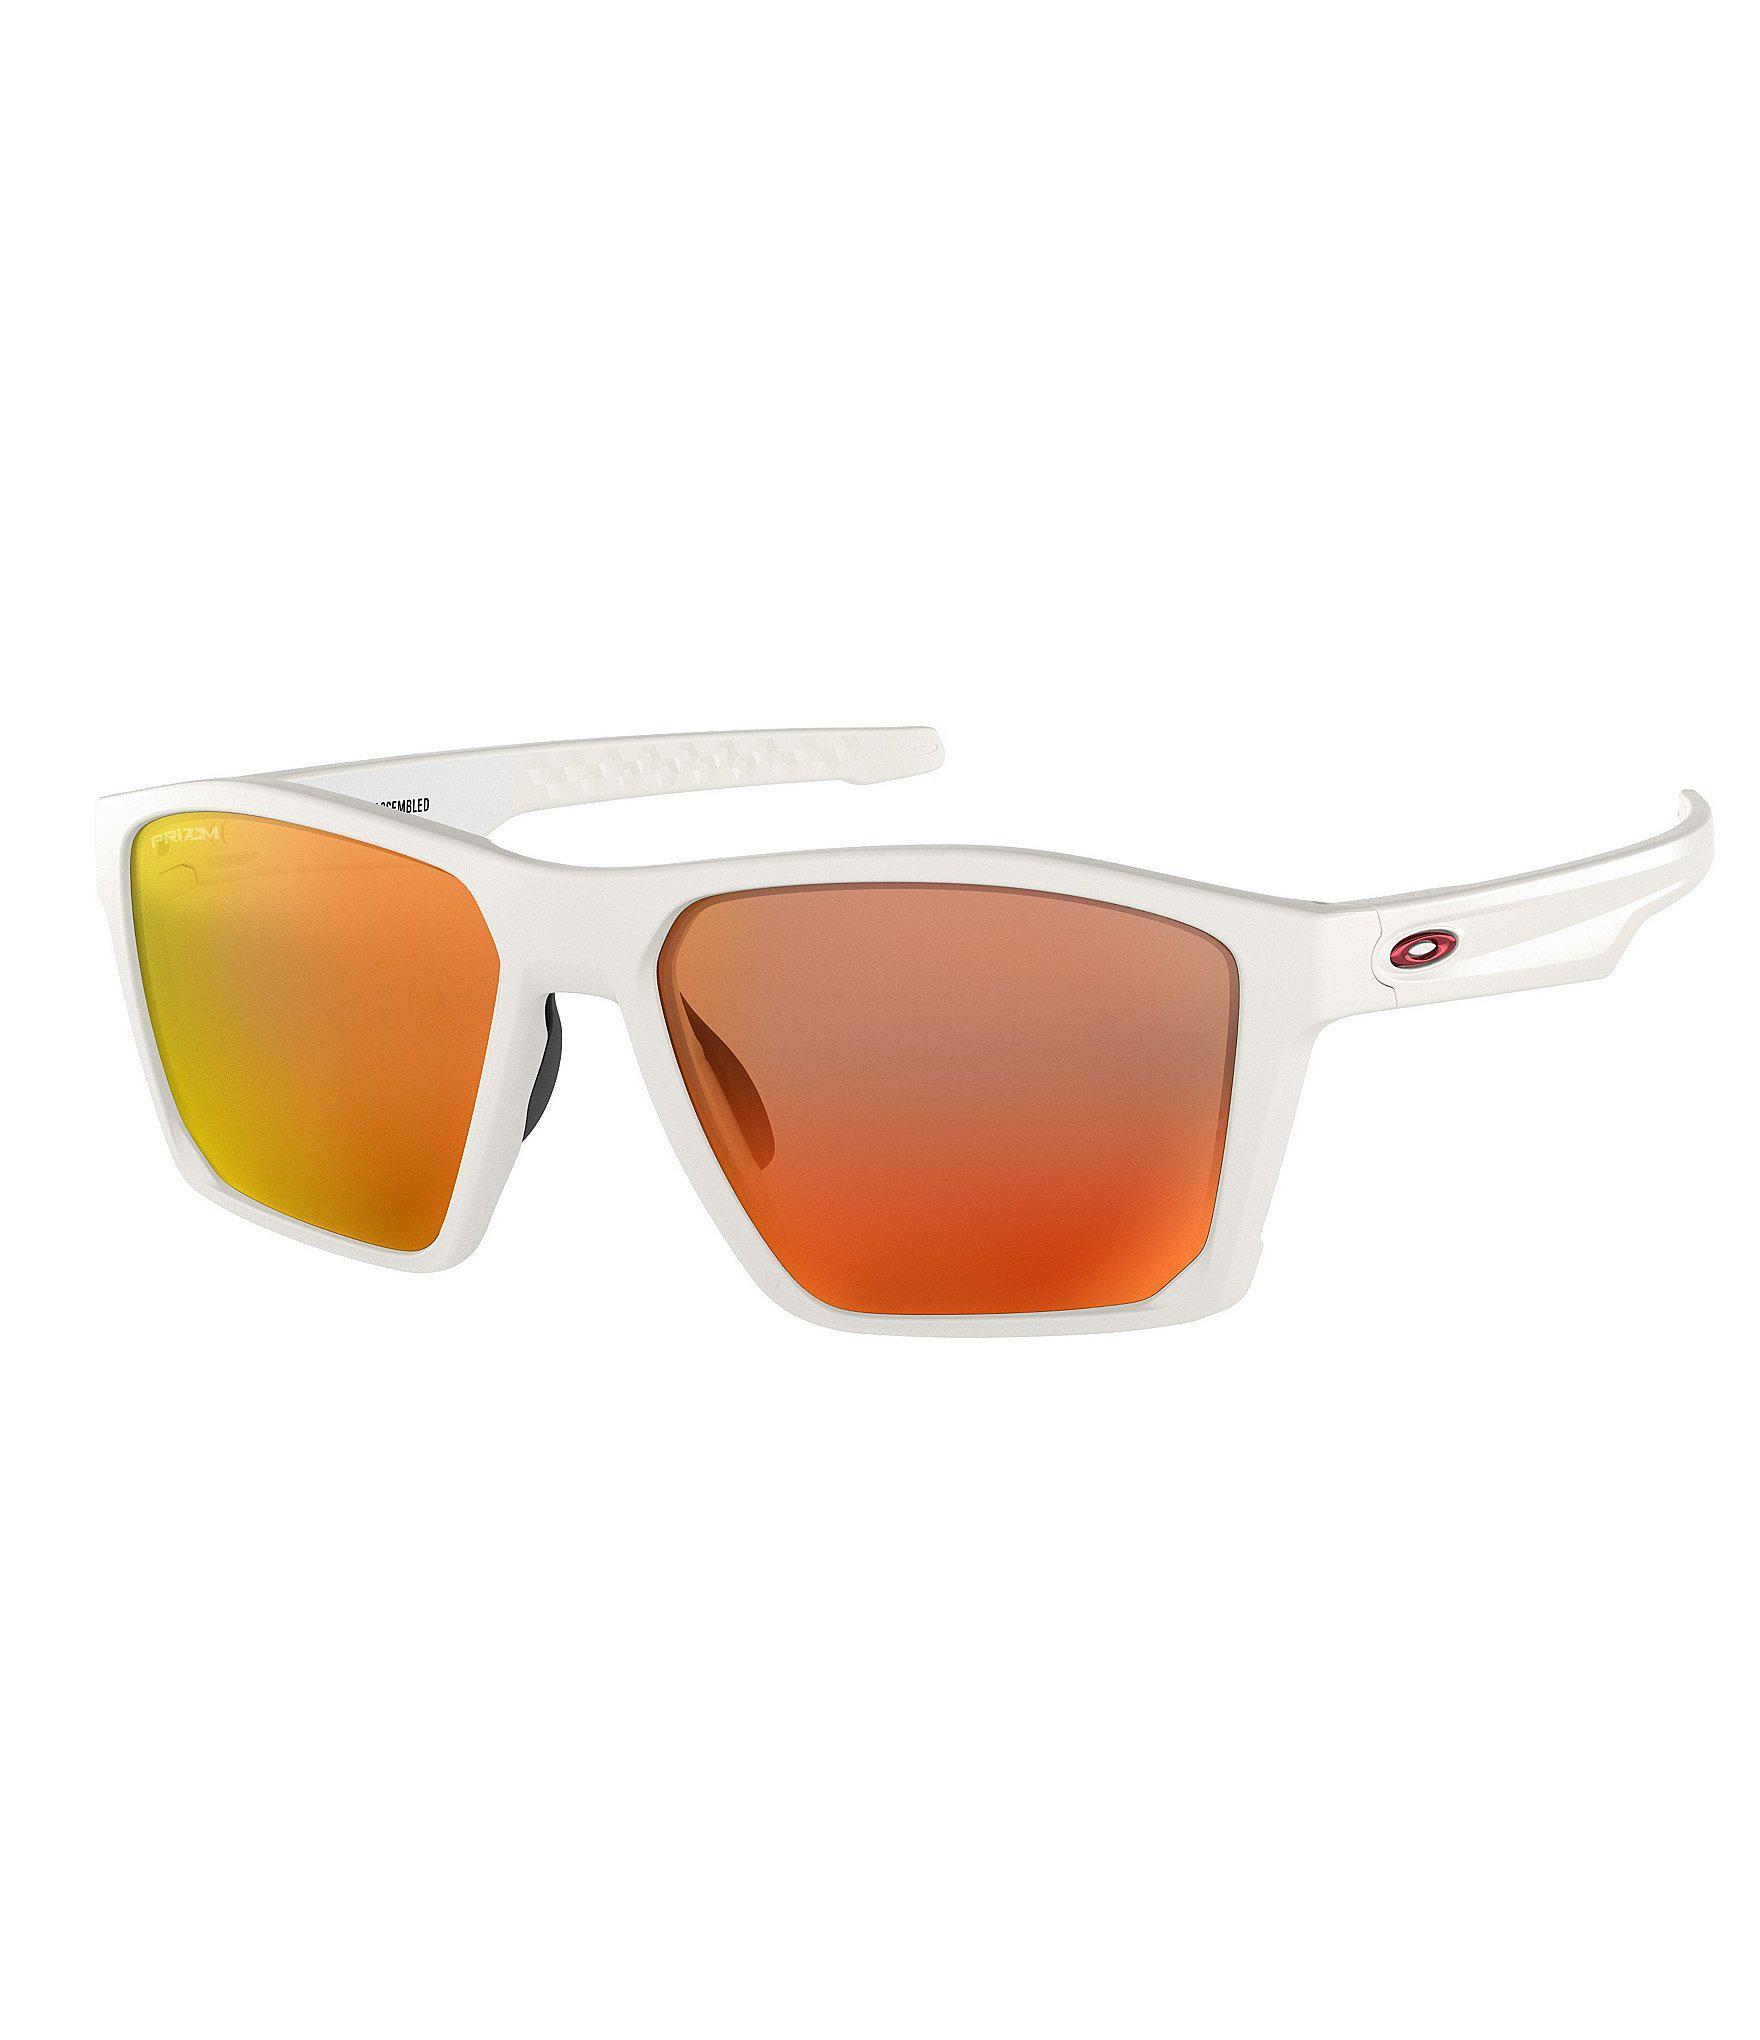 53b3e92aa2 Lyst - Oakley Mens Target Line Orange Lens Sunglasses in White for Men